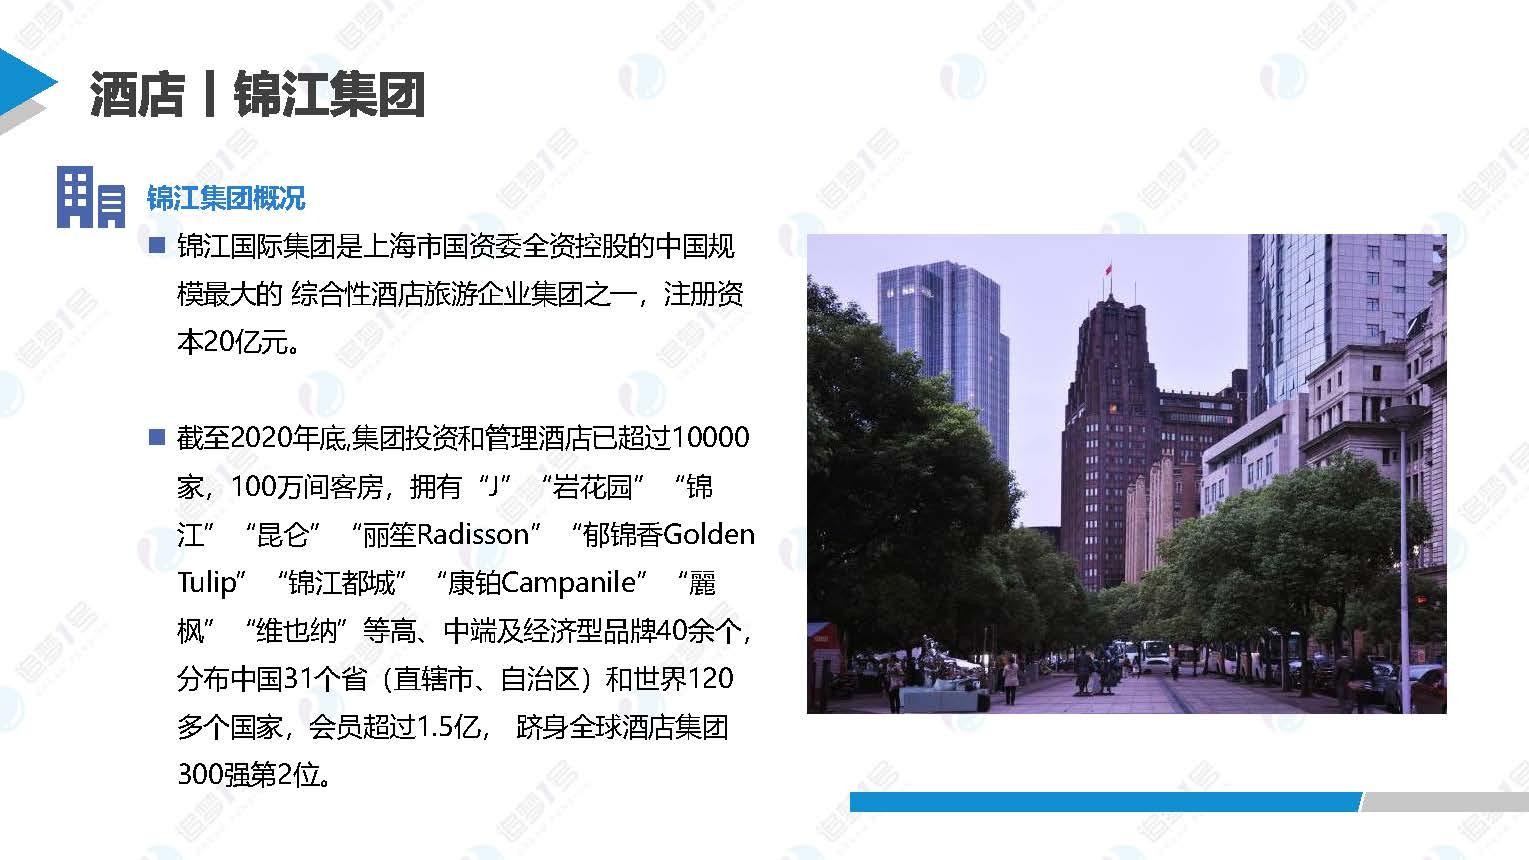 中国旅游行业研究 _页面_28.jpg